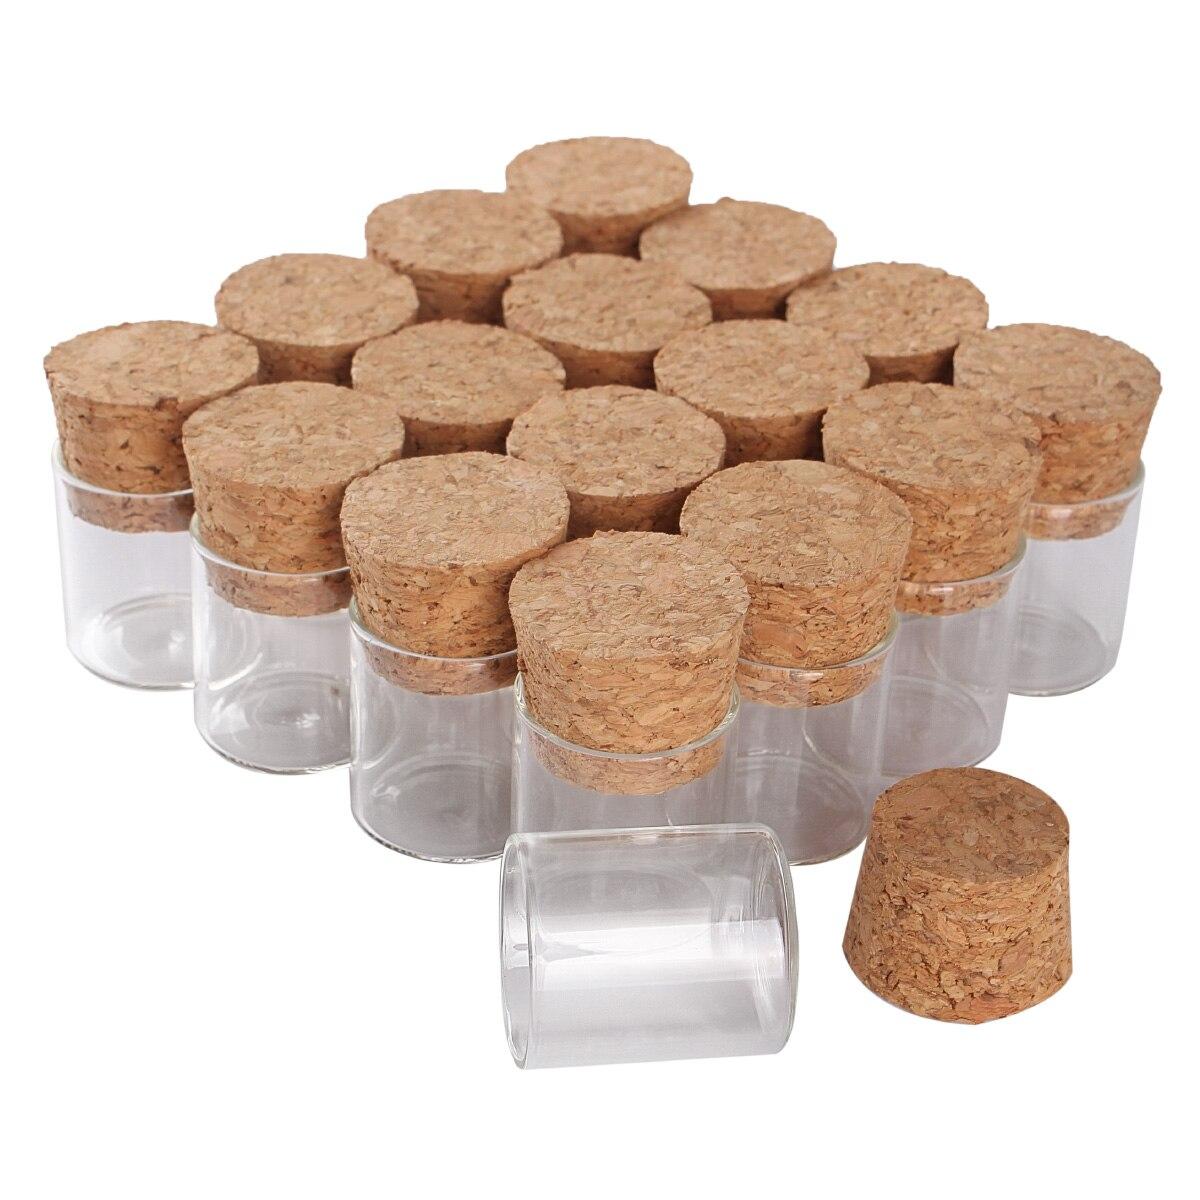 Flacons en verre avec liège | Mini Tubes en verre de 4ml 22*25mm pour le bricolage, accessoire dartisanat 100 pièces